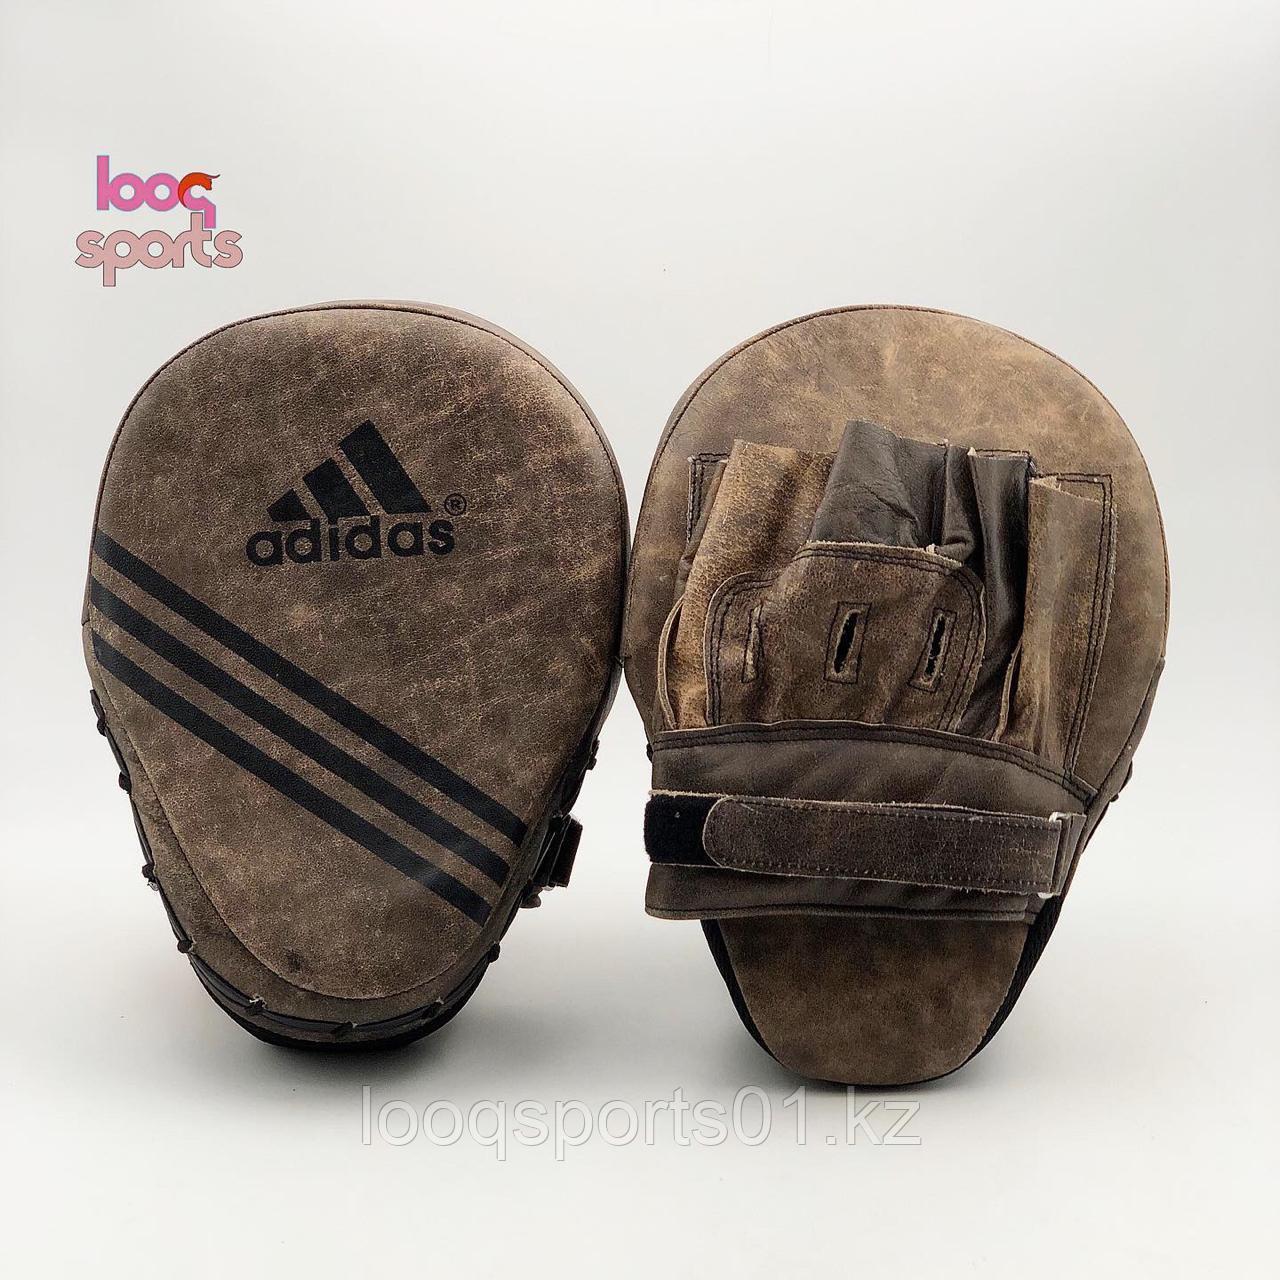 Боксерские лапы (кожа) Adidas